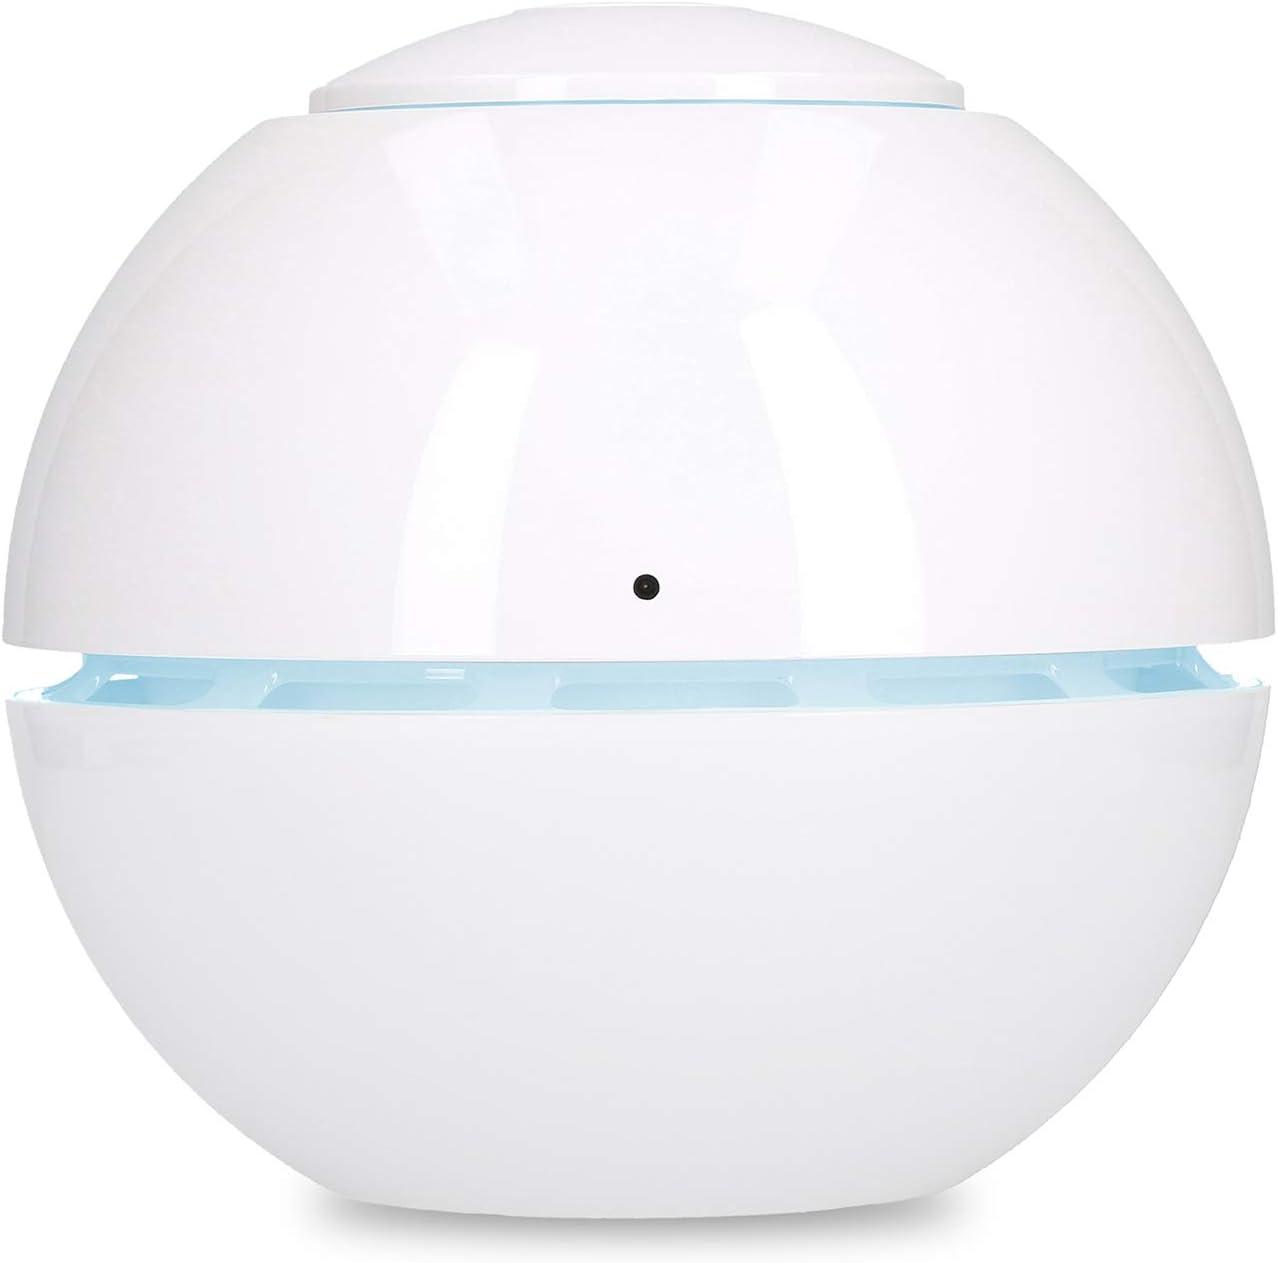 Duux - Humidificador Ultrasónico - Blanco: Amazon.es: Bebé